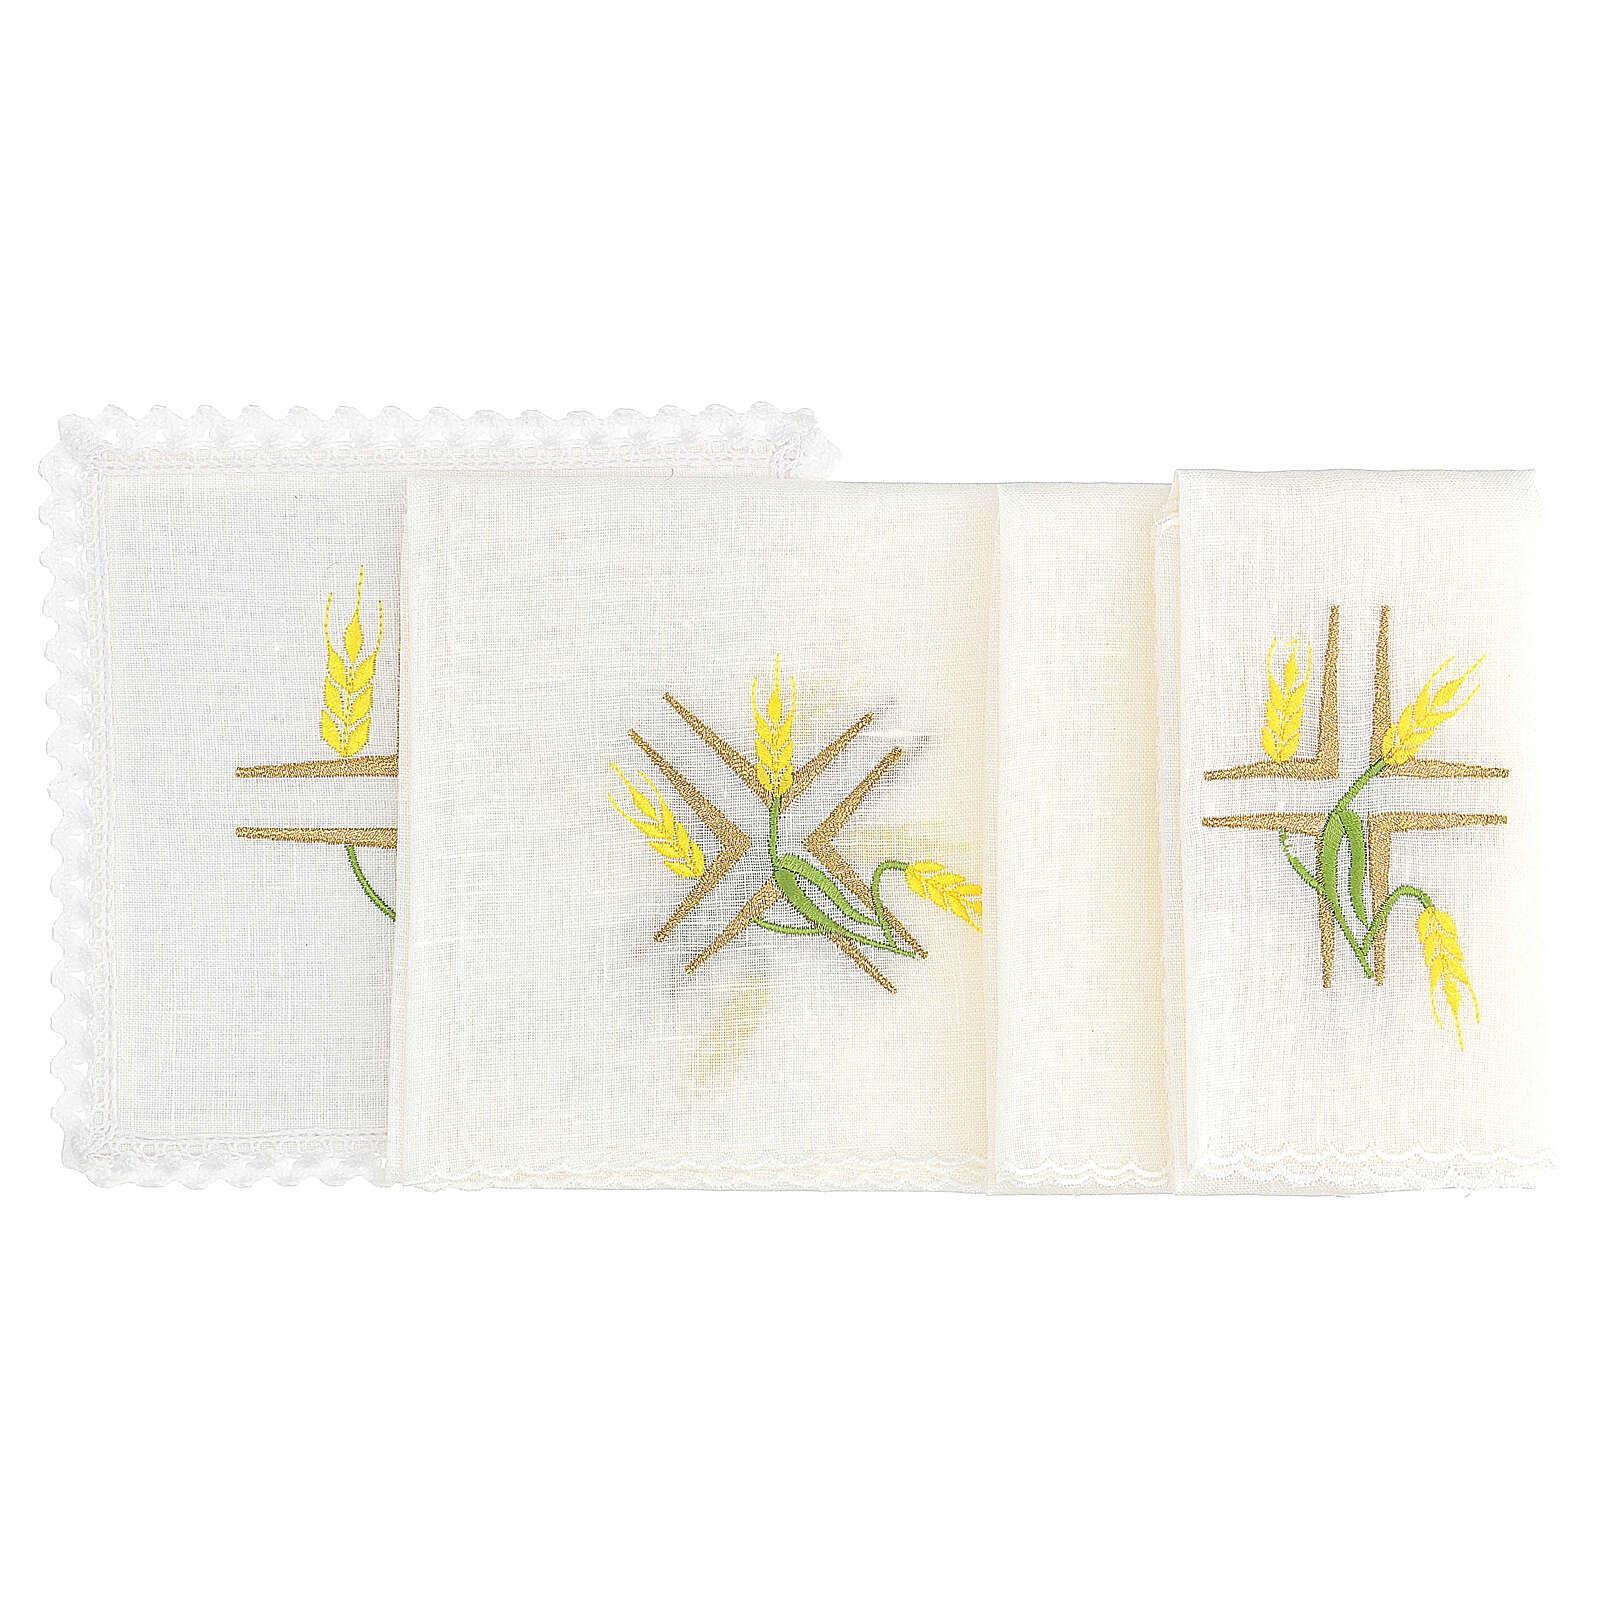 Conjunto altar linho espigas trigo amarelas e caules verdes 4